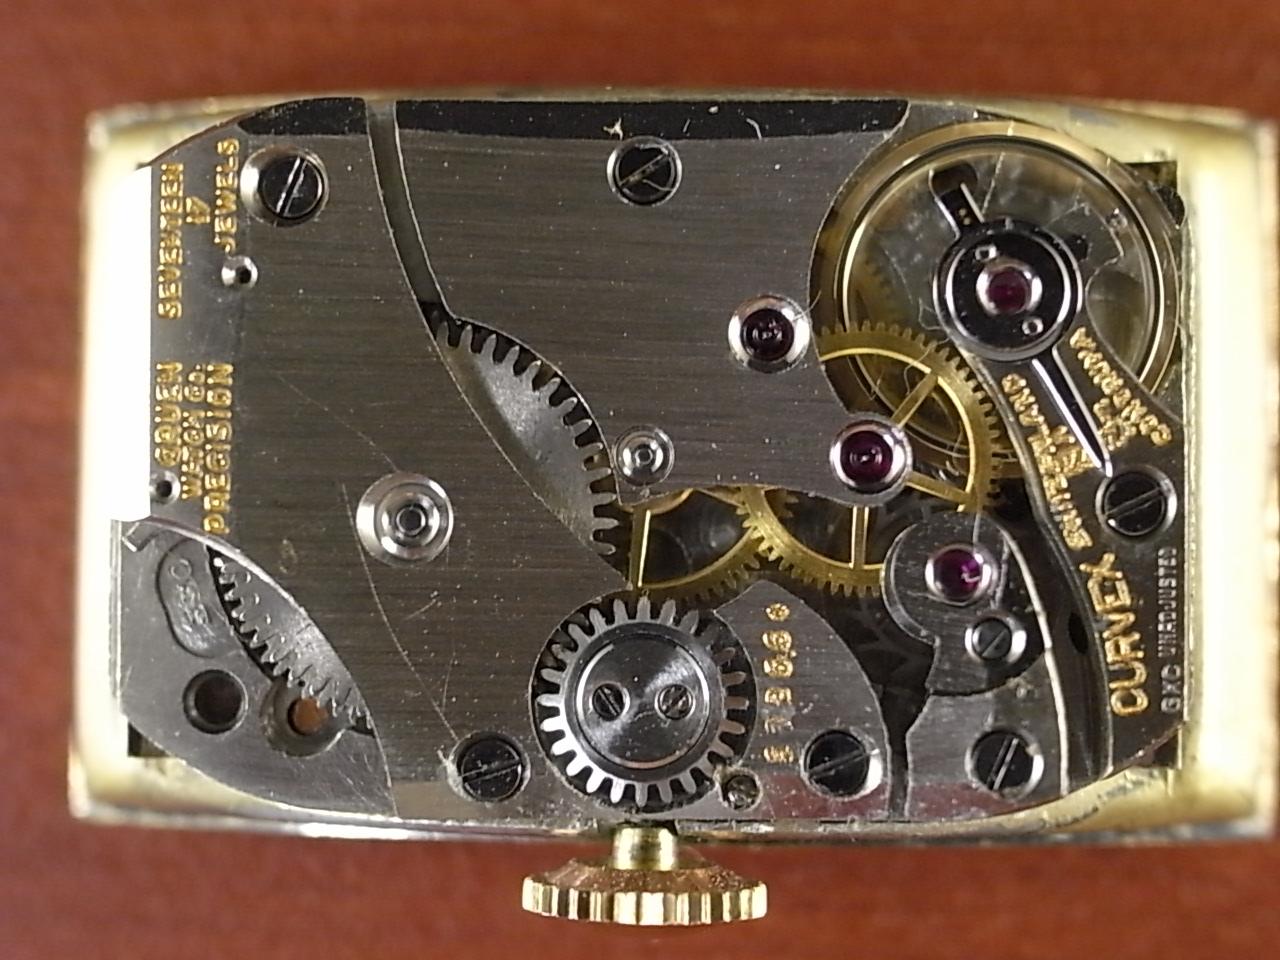 グリュエン カーベックス Cal.330 2トーンダイアル ブラック/ゴールド 1930年代の写真5枚目